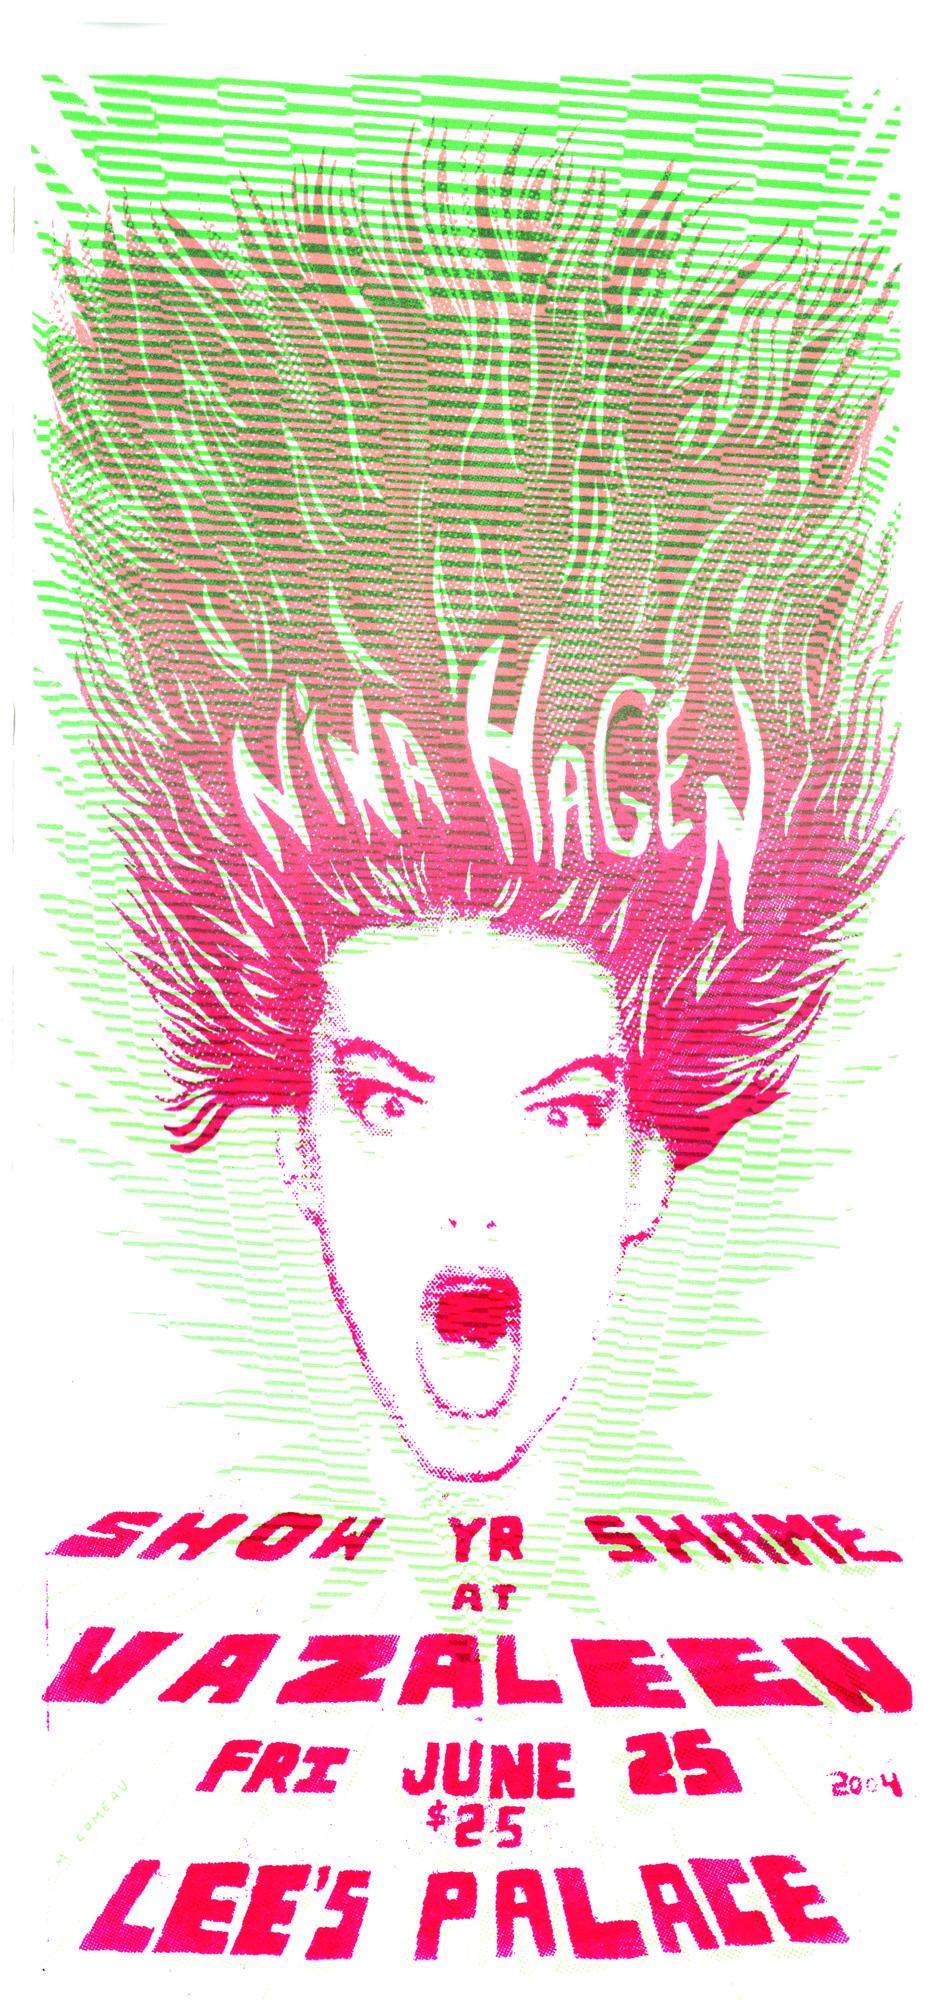 Affiche montrant en son centre la tête d'une femme avec la bouche grande ouverte et les cheveux en l'air. Dans ses cheveux se trouvent les mots «Nina Hagen». Sous son visage se trouvent les mots «Show Yr Shame at Vazaleen» ainsi que la date et le lieu du spectacle.